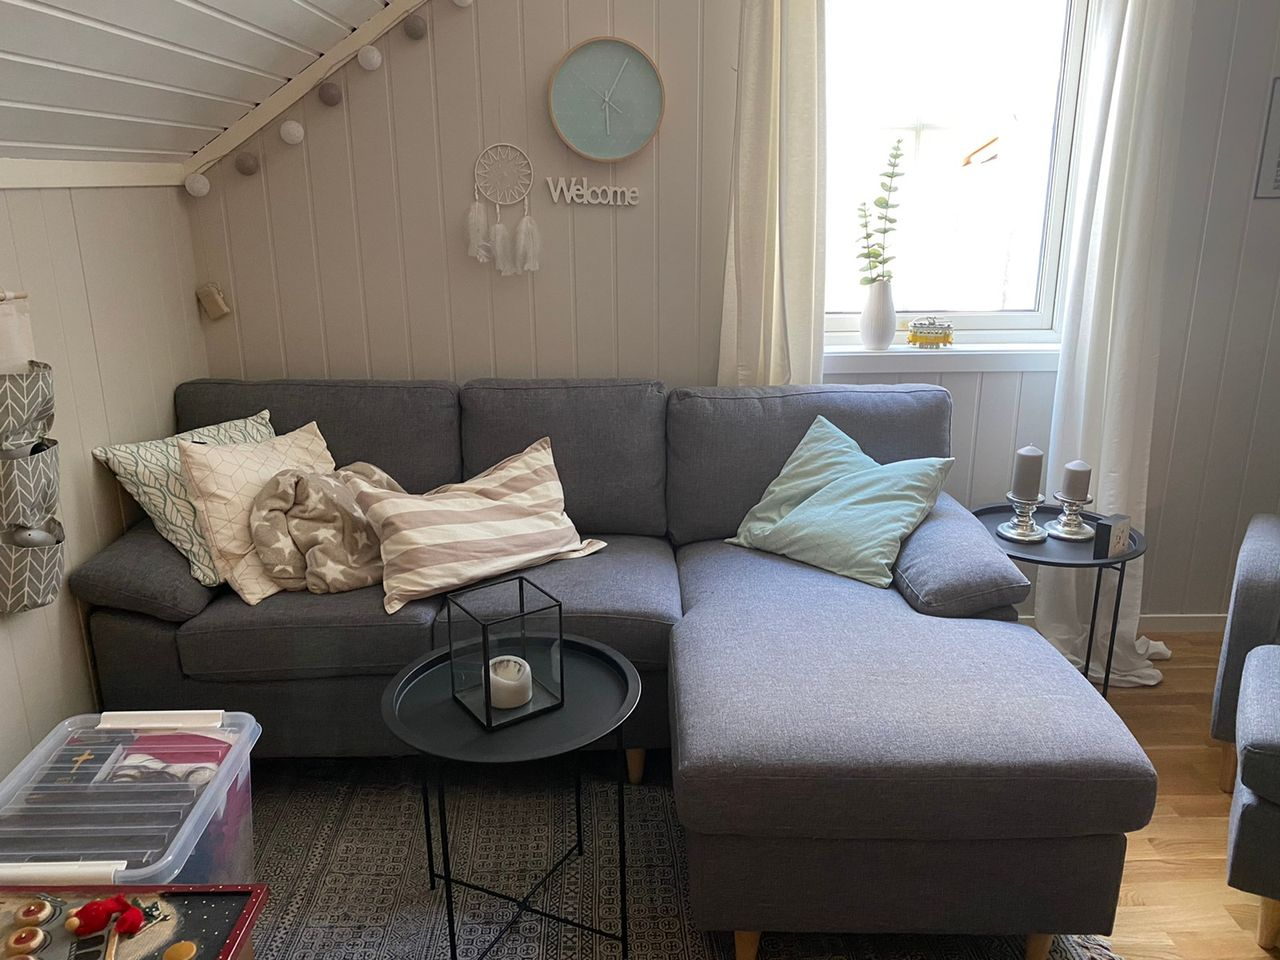 Sofa og lenestol Kjøpe, selge og utveksle annonser finn